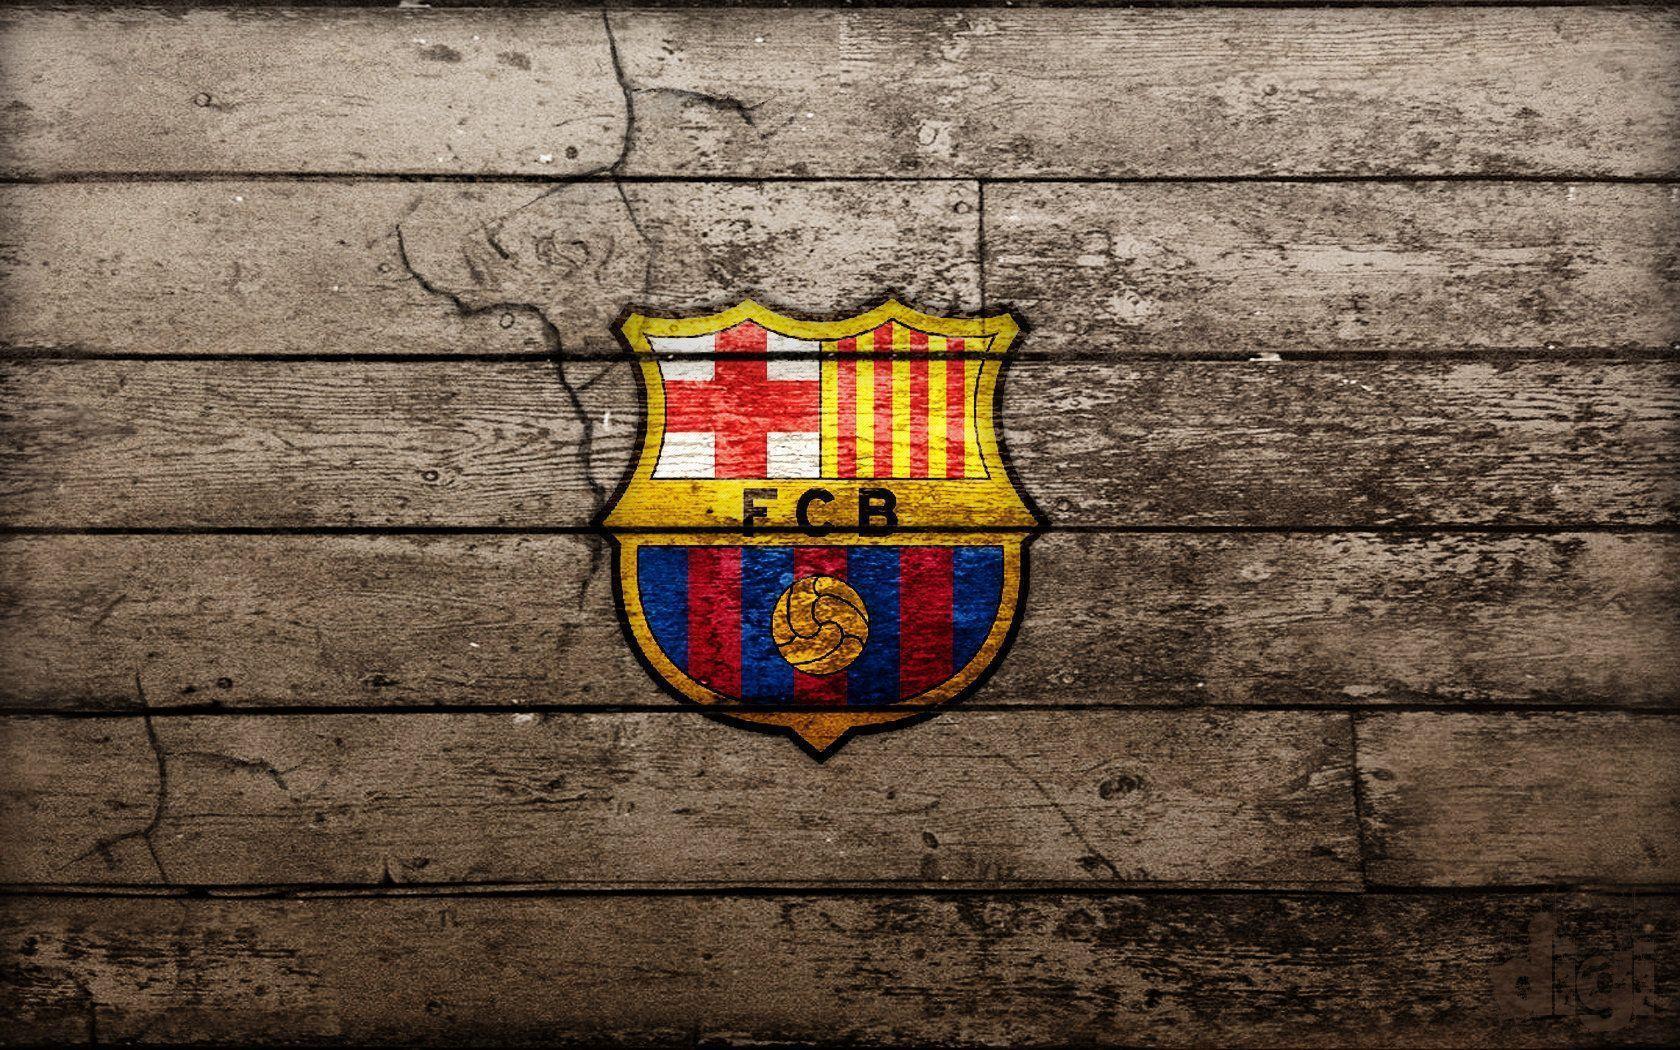 FC Barcelona Art Wallpaper | High Definition Wallpapers, High ...